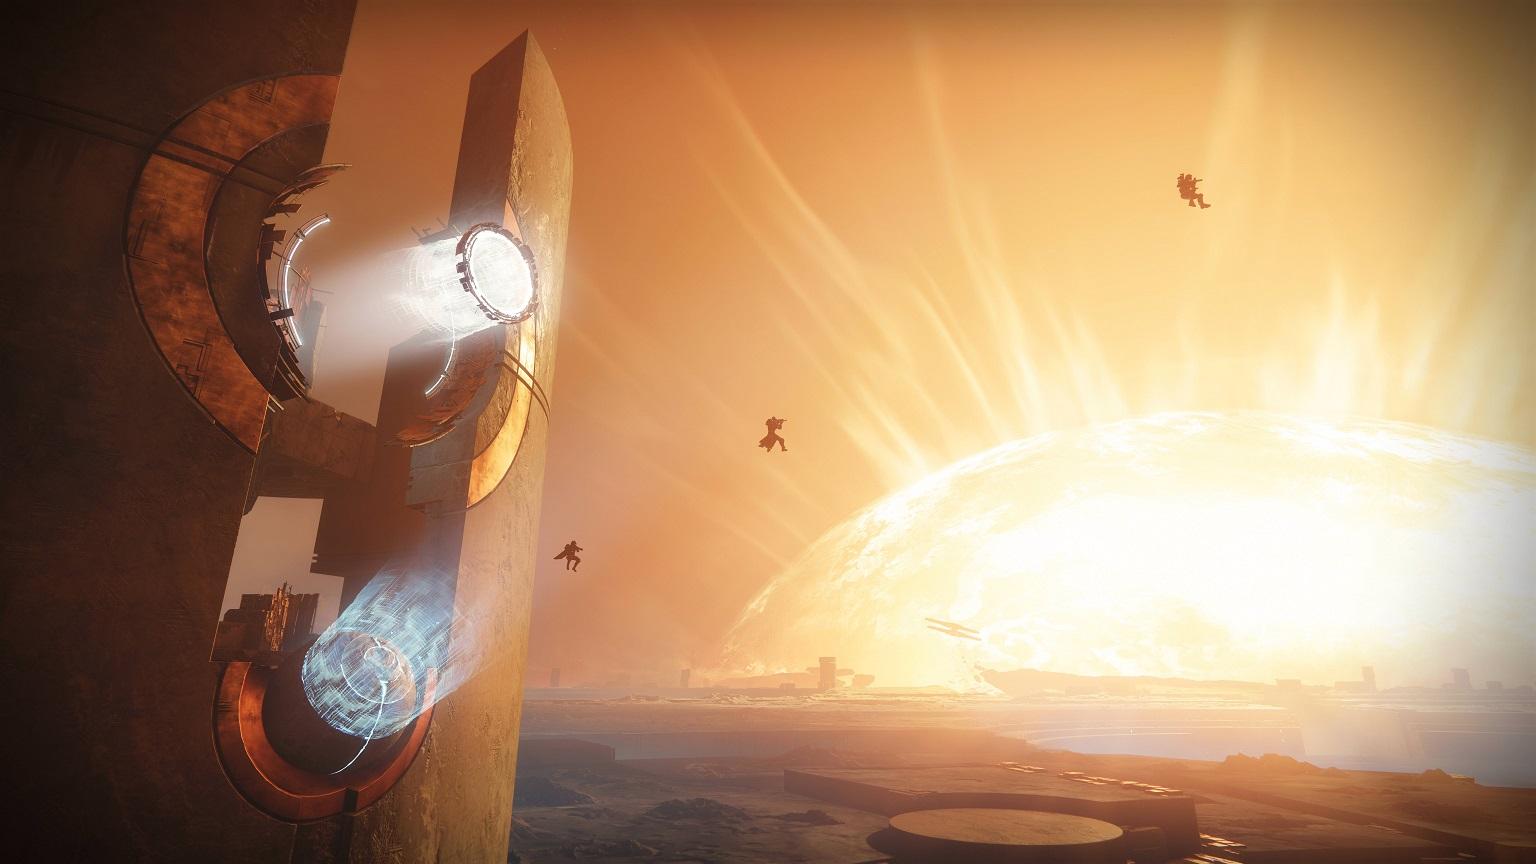 Fluch des Osiris erhöht das Max-Level von Destiny 2, bringt diese Exotics